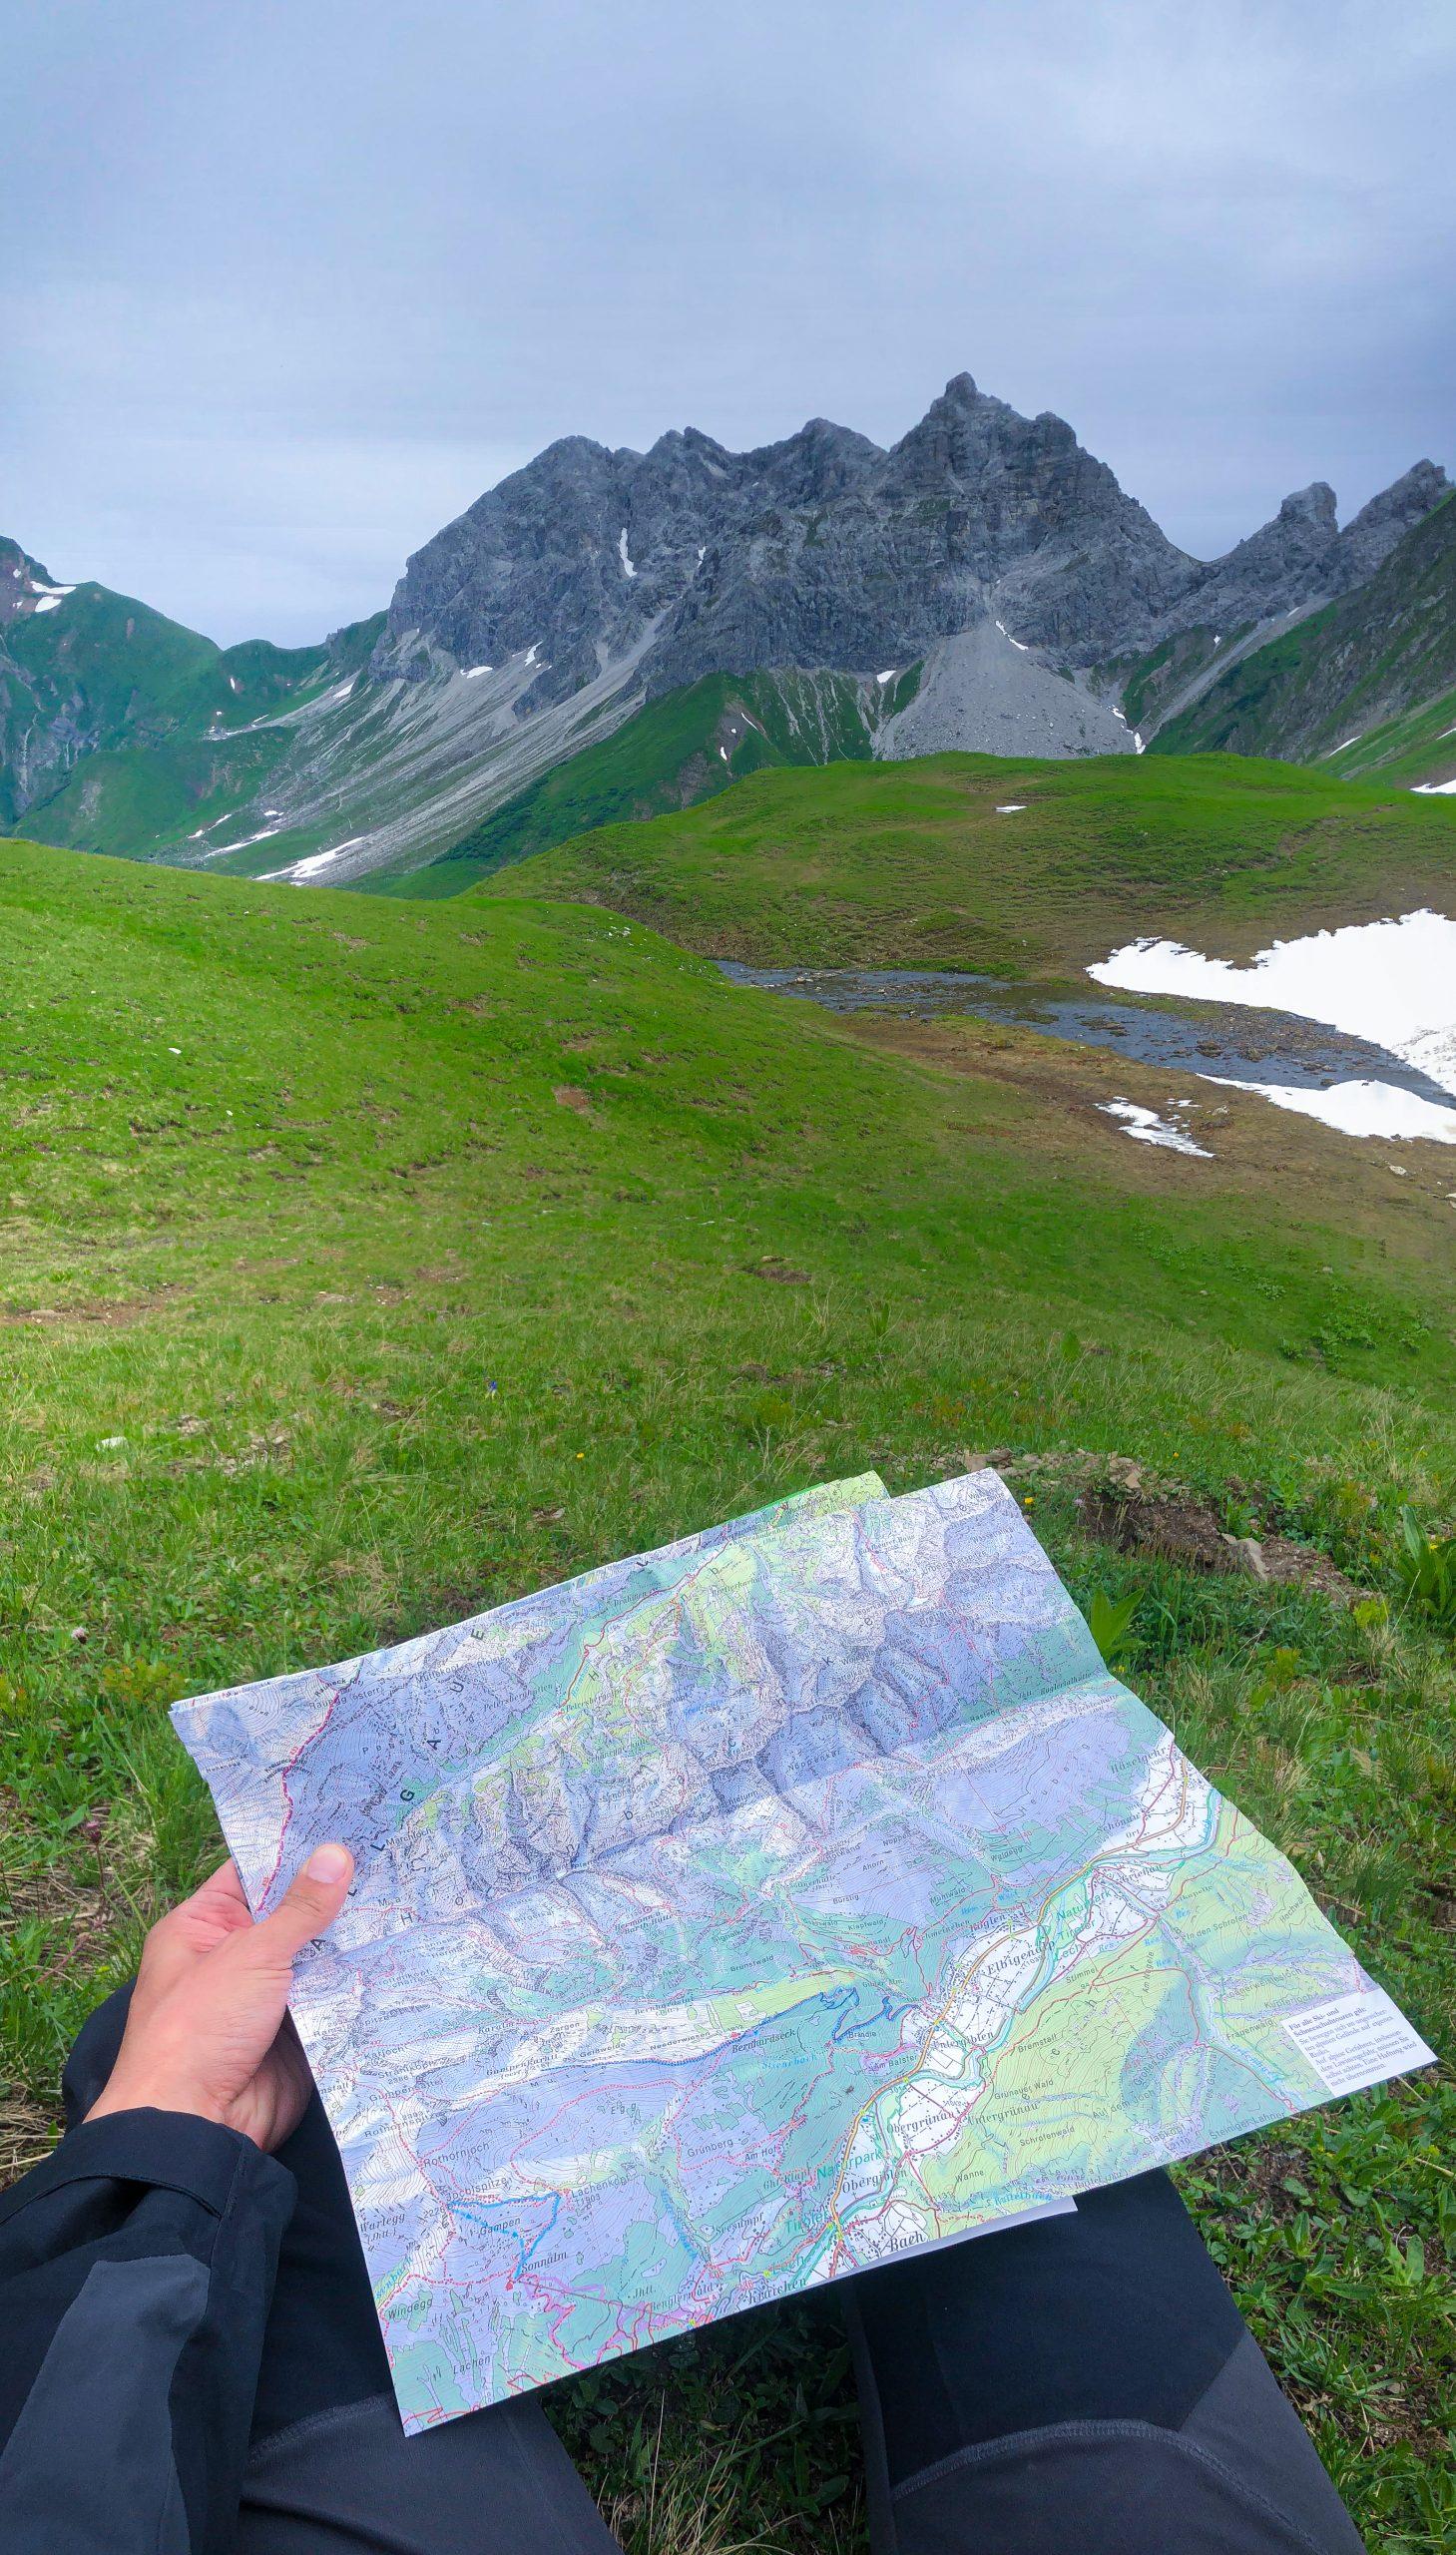 Un randonneur tient entre ses mains une carte de randonnée dans les Alpes d'Allgäu en Bavière